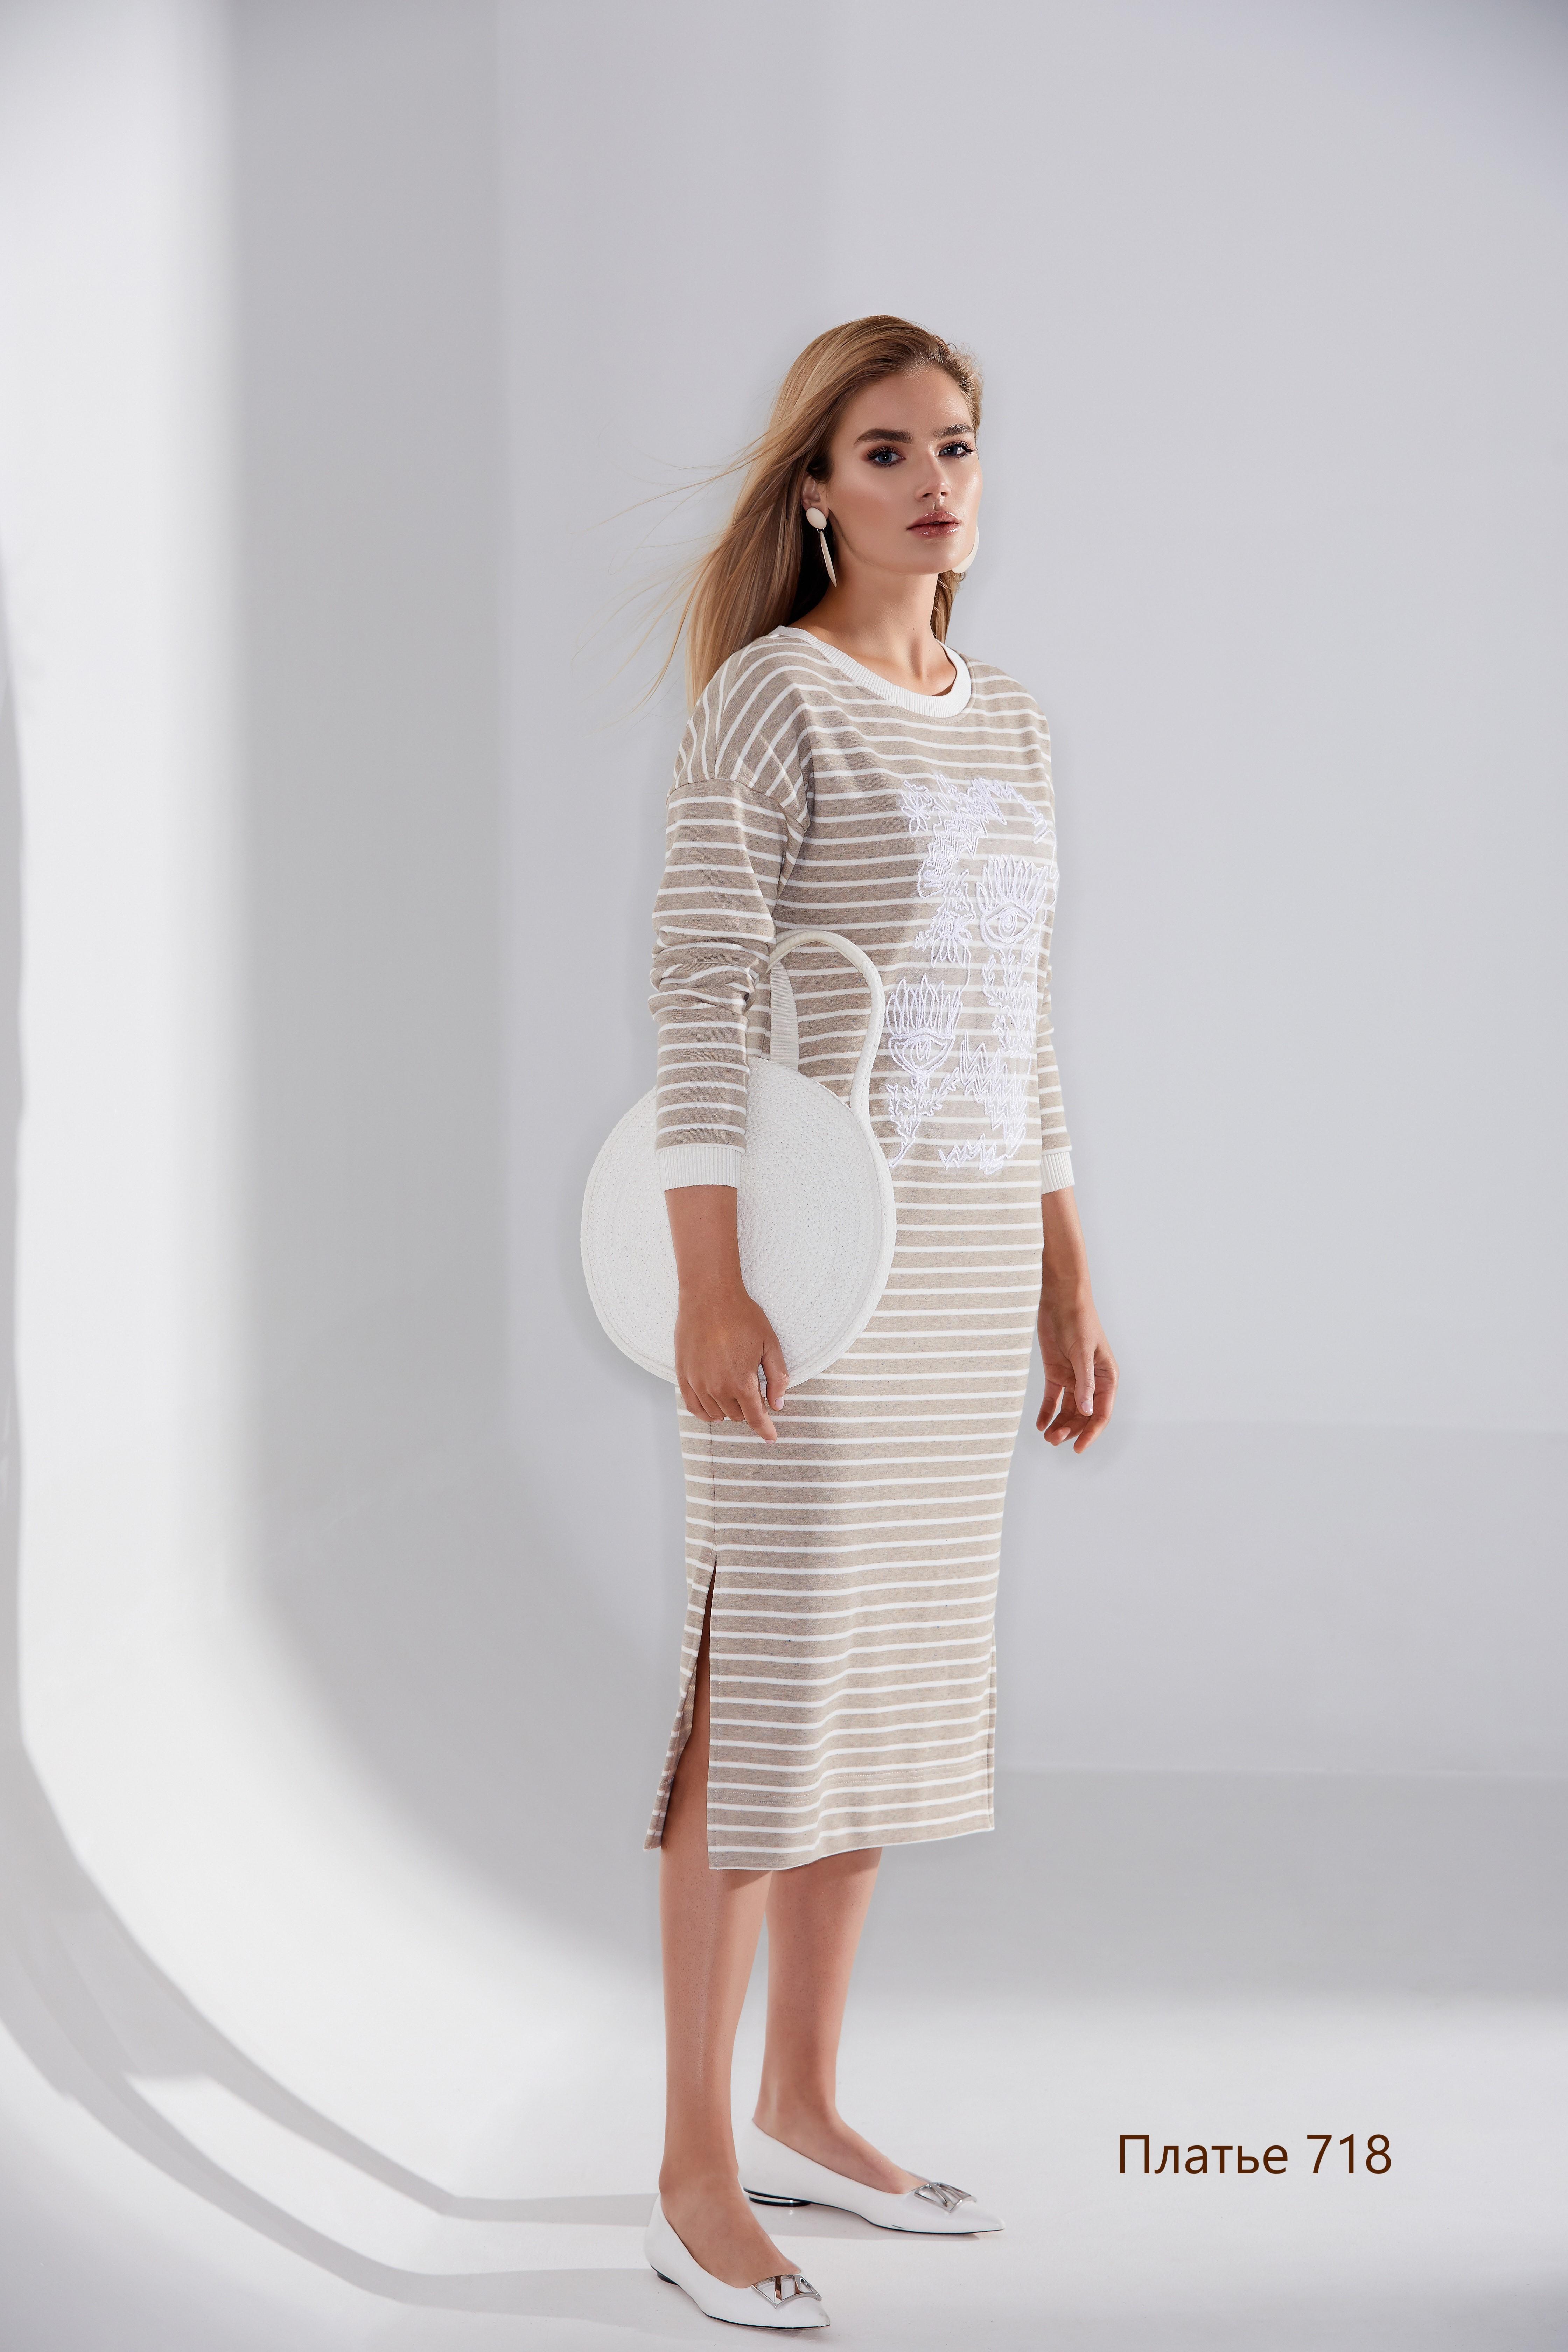 Платье 718 (2)